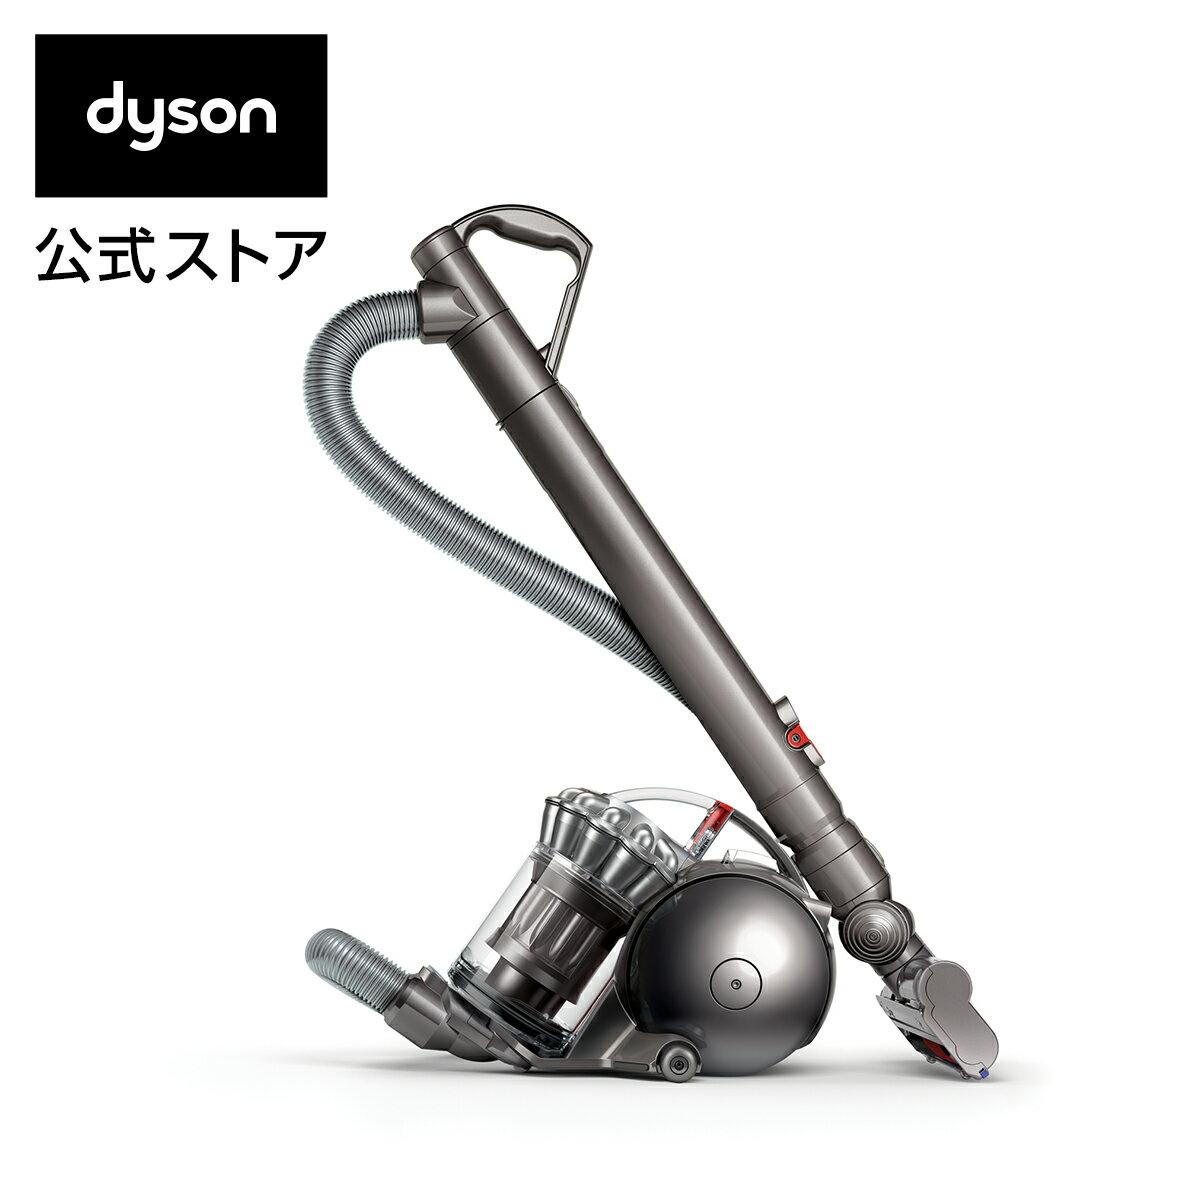 26日1:59amまで【期間限定】ダイソン Dyson DC48 turbinehead complete サイクロン式 キャニスター型掃除機 DC48THCOM アイアン/サテンシルバー 2015年モデル